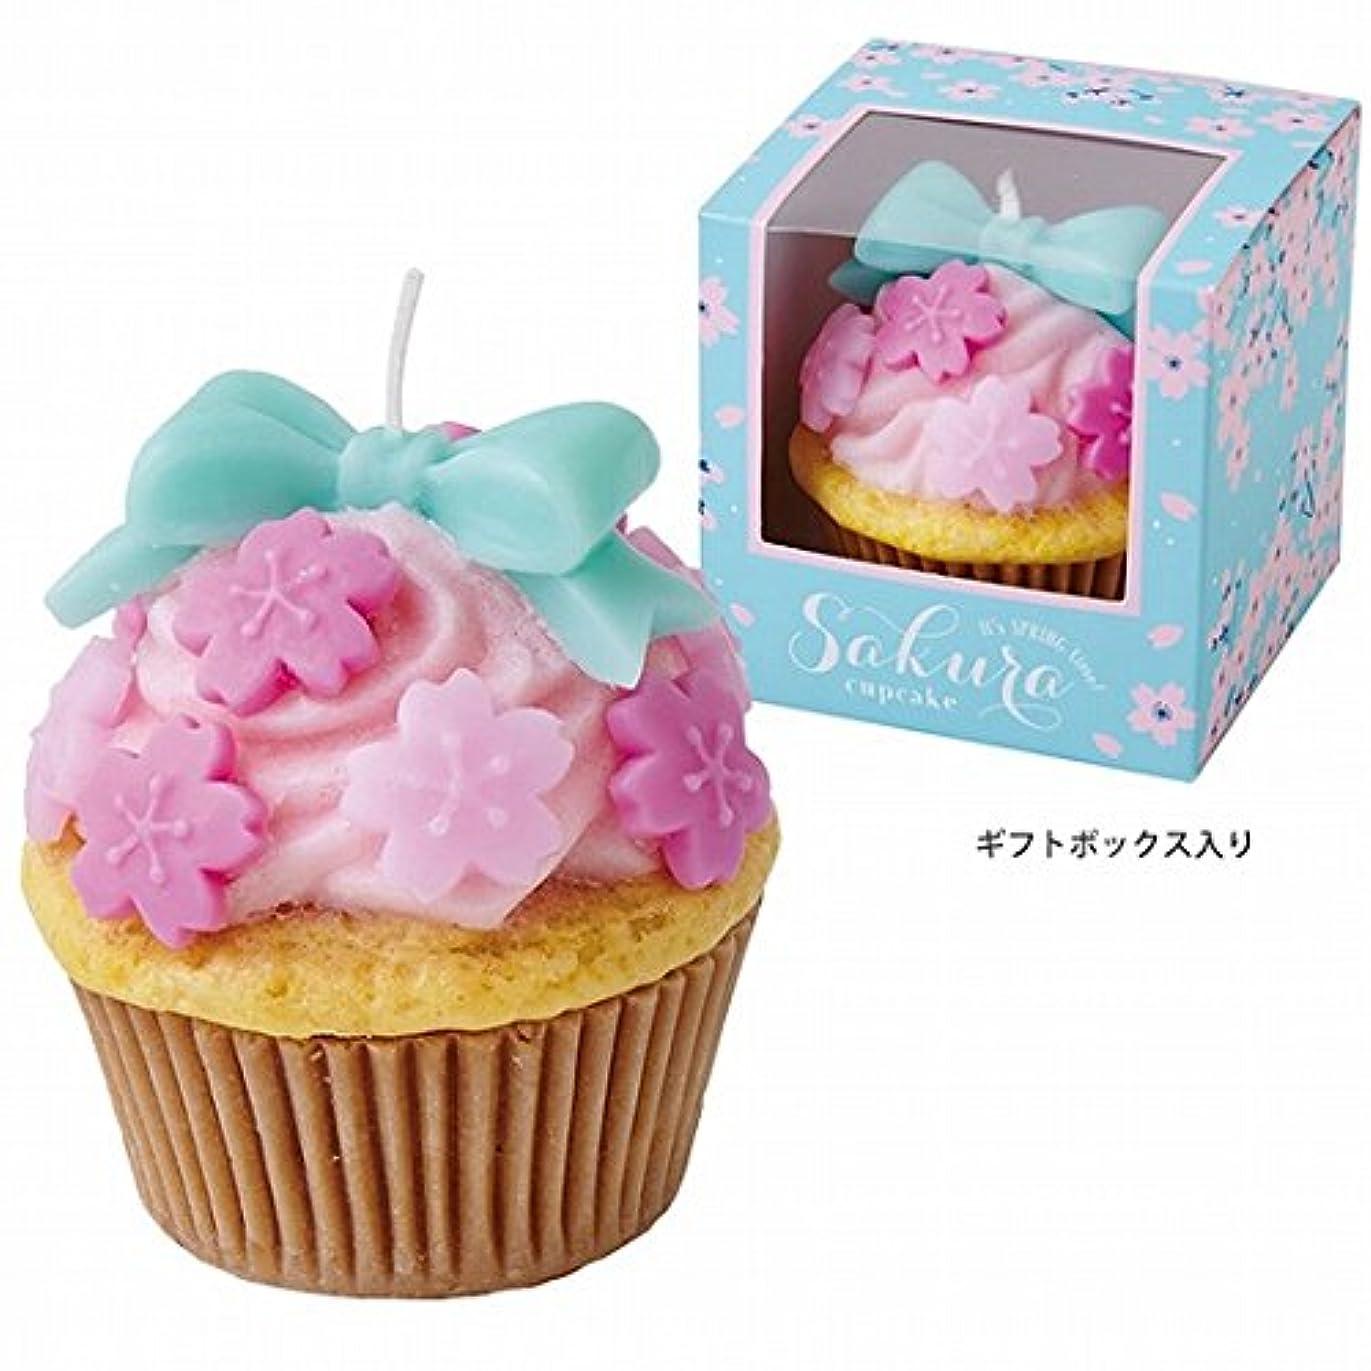 アグネスグレイ傷つけるアラブサラボカメヤマキャンドル( kameyama candle ) SAKURAカップケーキ キャンドル